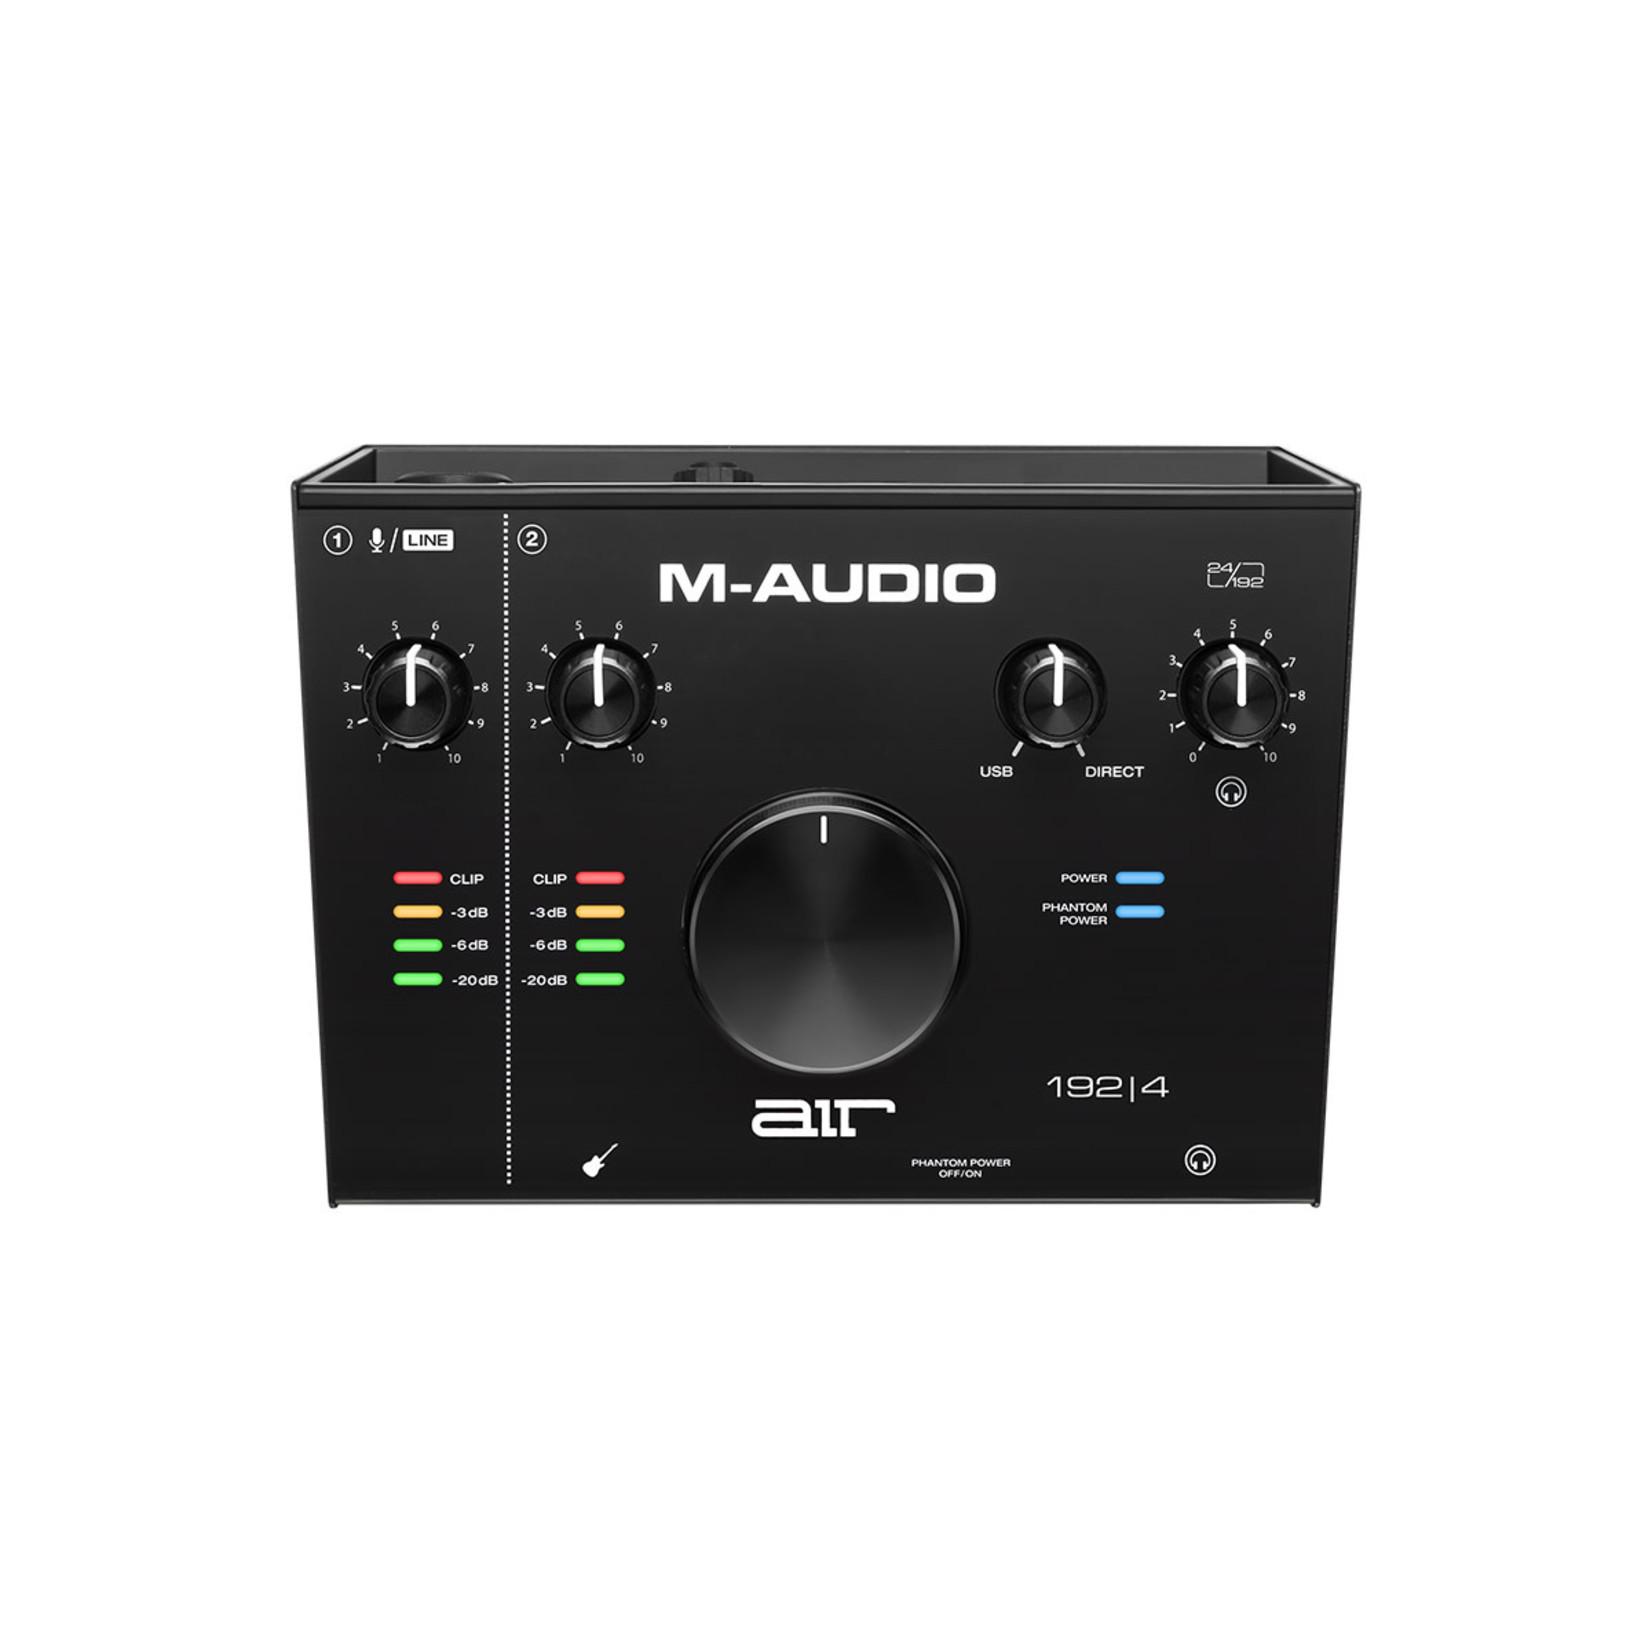 M-AUDIO AIR192X4 M-AUDIO